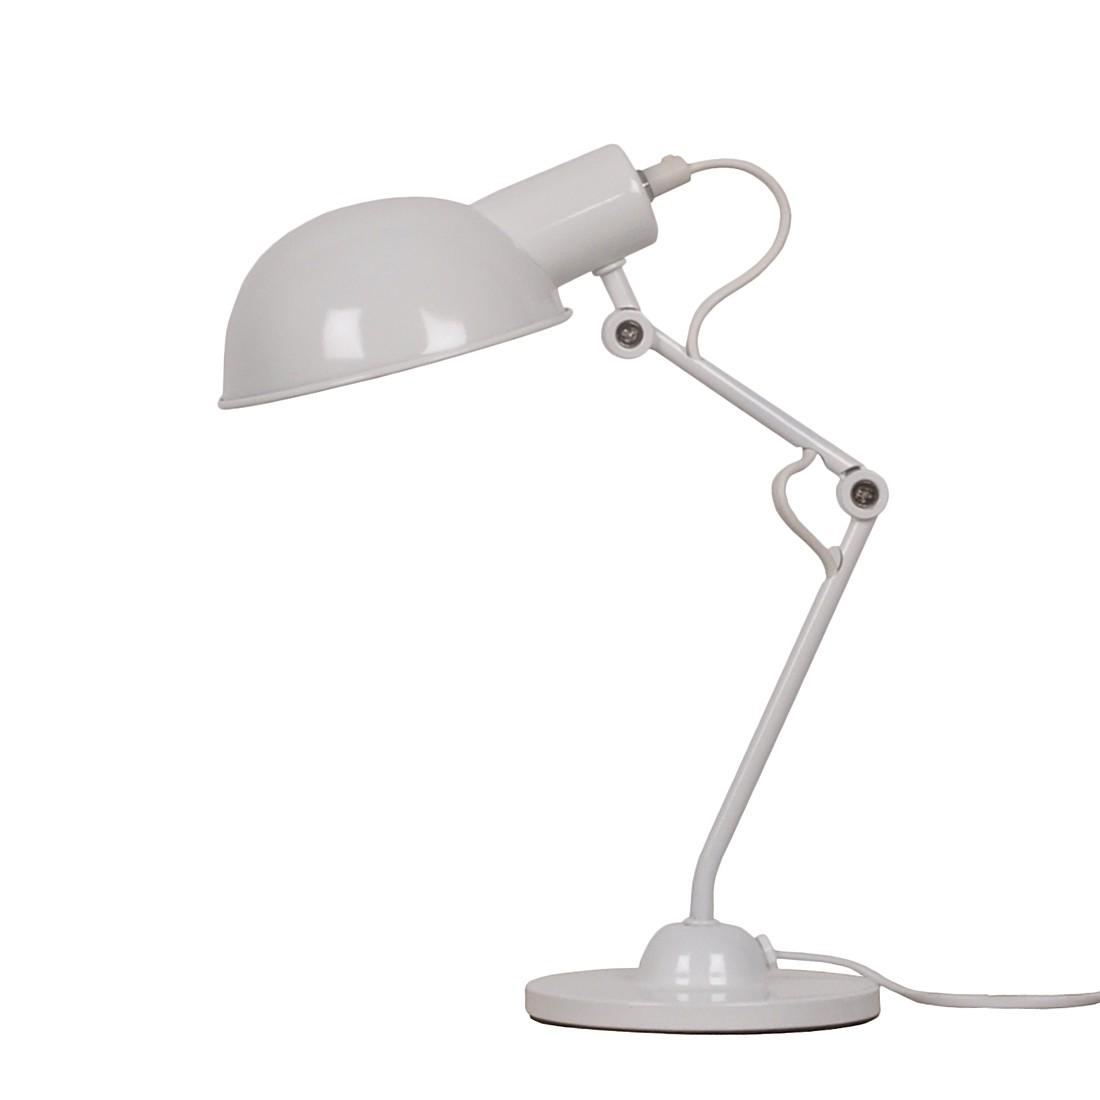 EEK A++, Schreibtischleuchte Furious – Metall Weiß, Zuiver bestellen